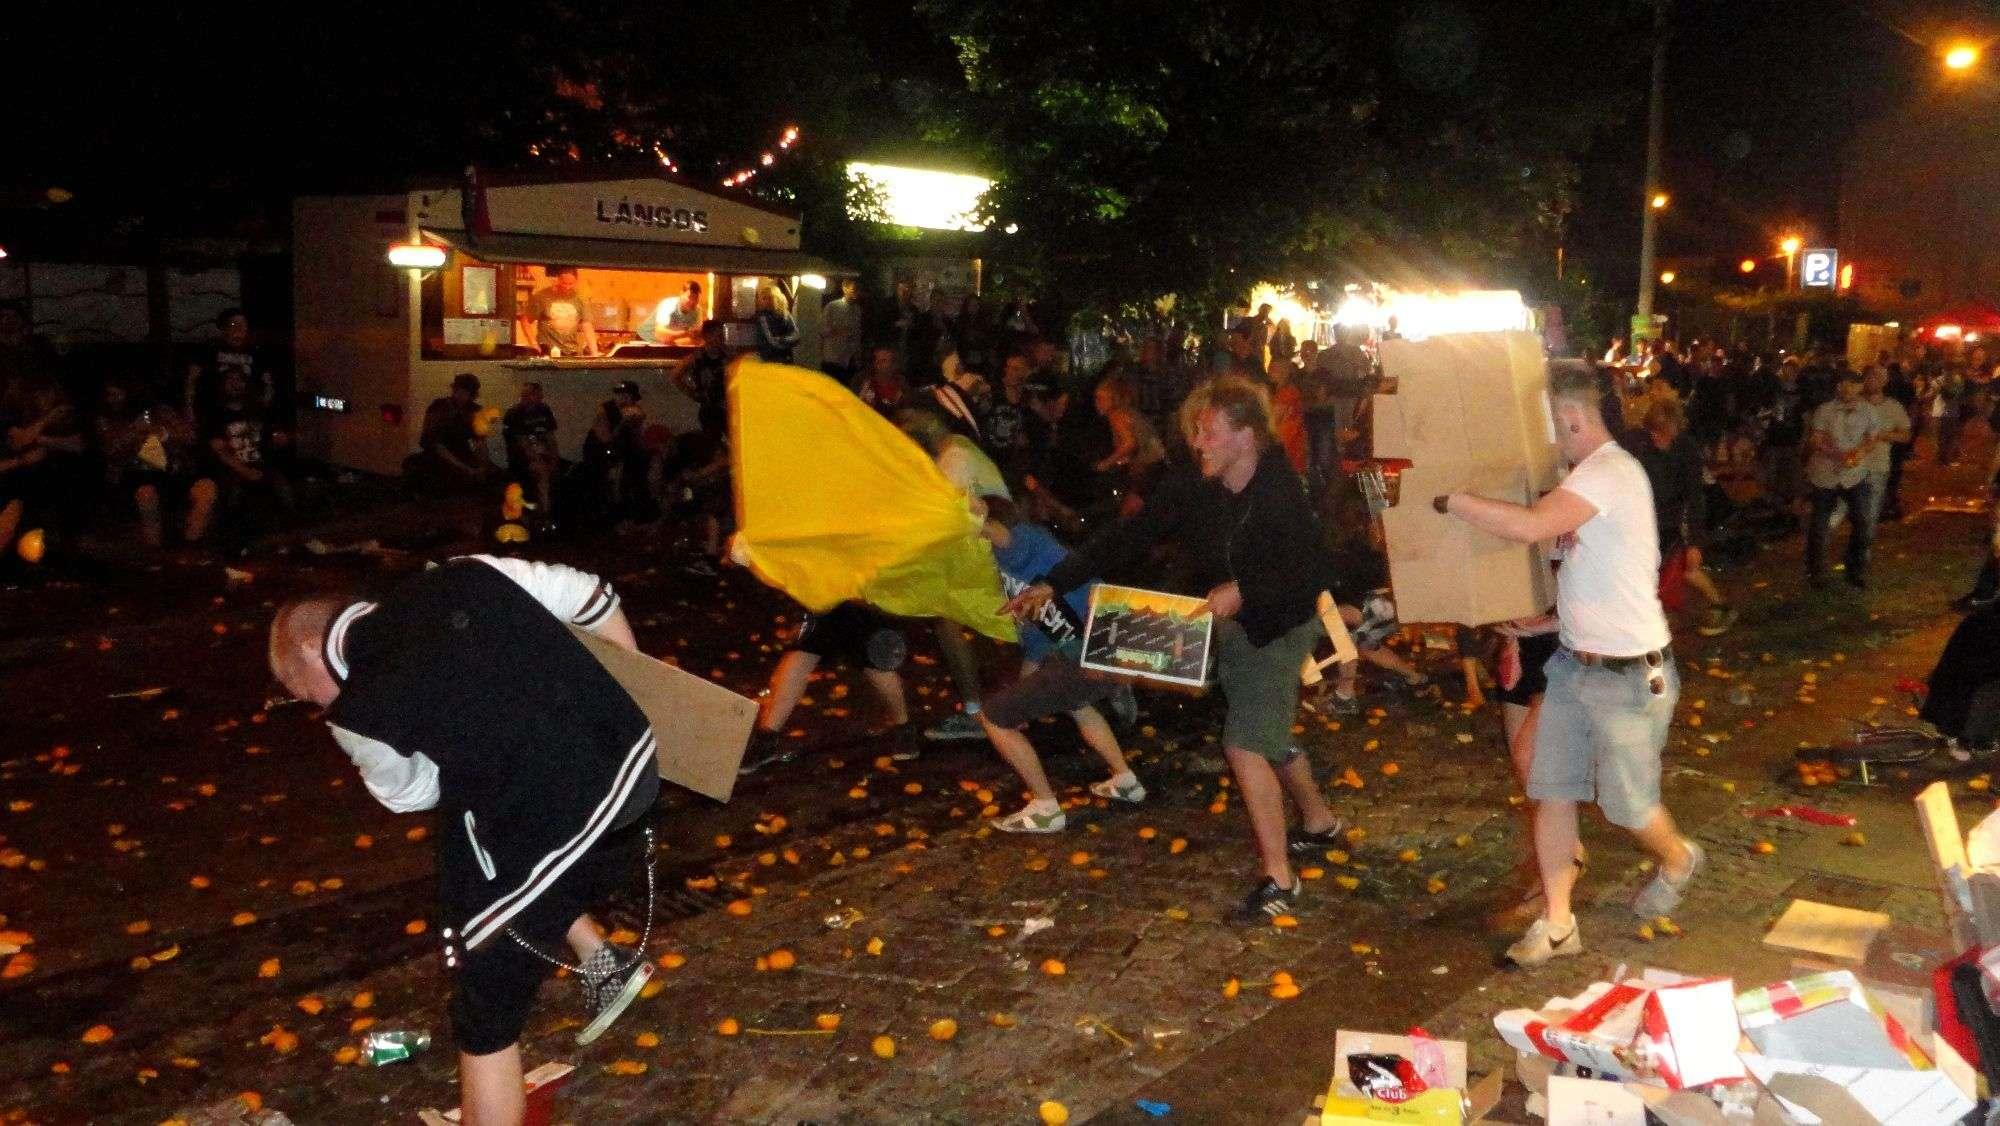 Apfelsinenschlacht auf der Alaunstraße. Danke an Christoph für das Foto.